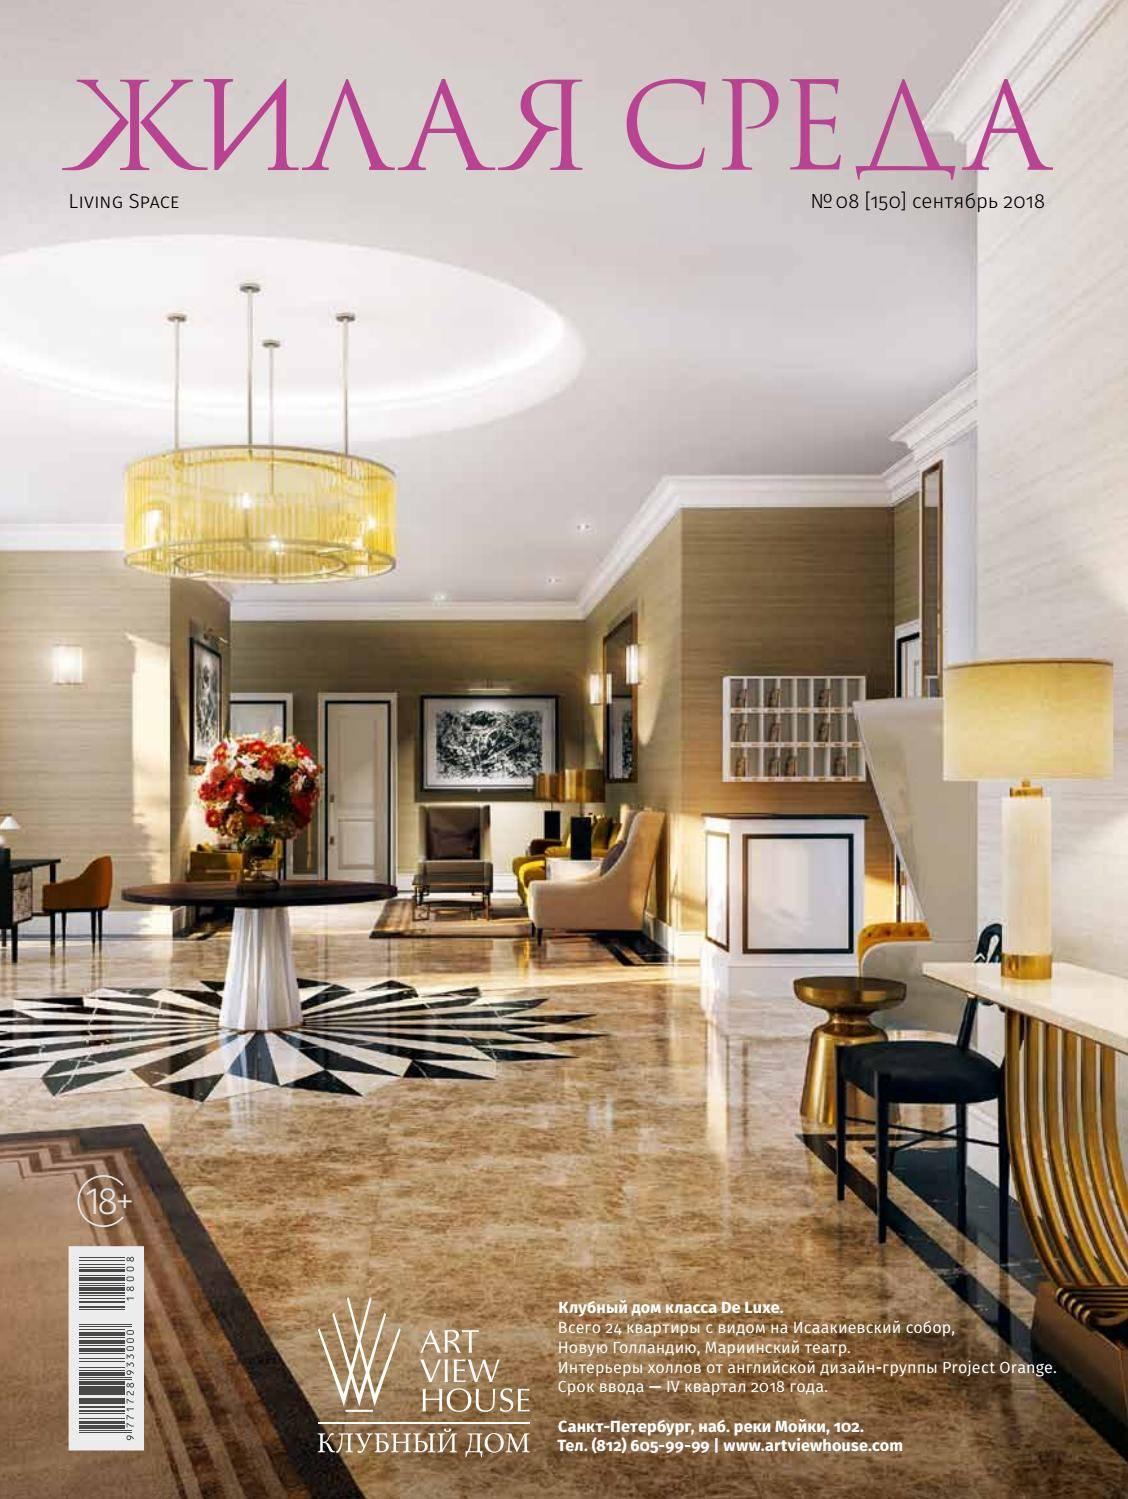 Декоративные изделия из бетона: варианты для фасада, интерьера и ландшафта